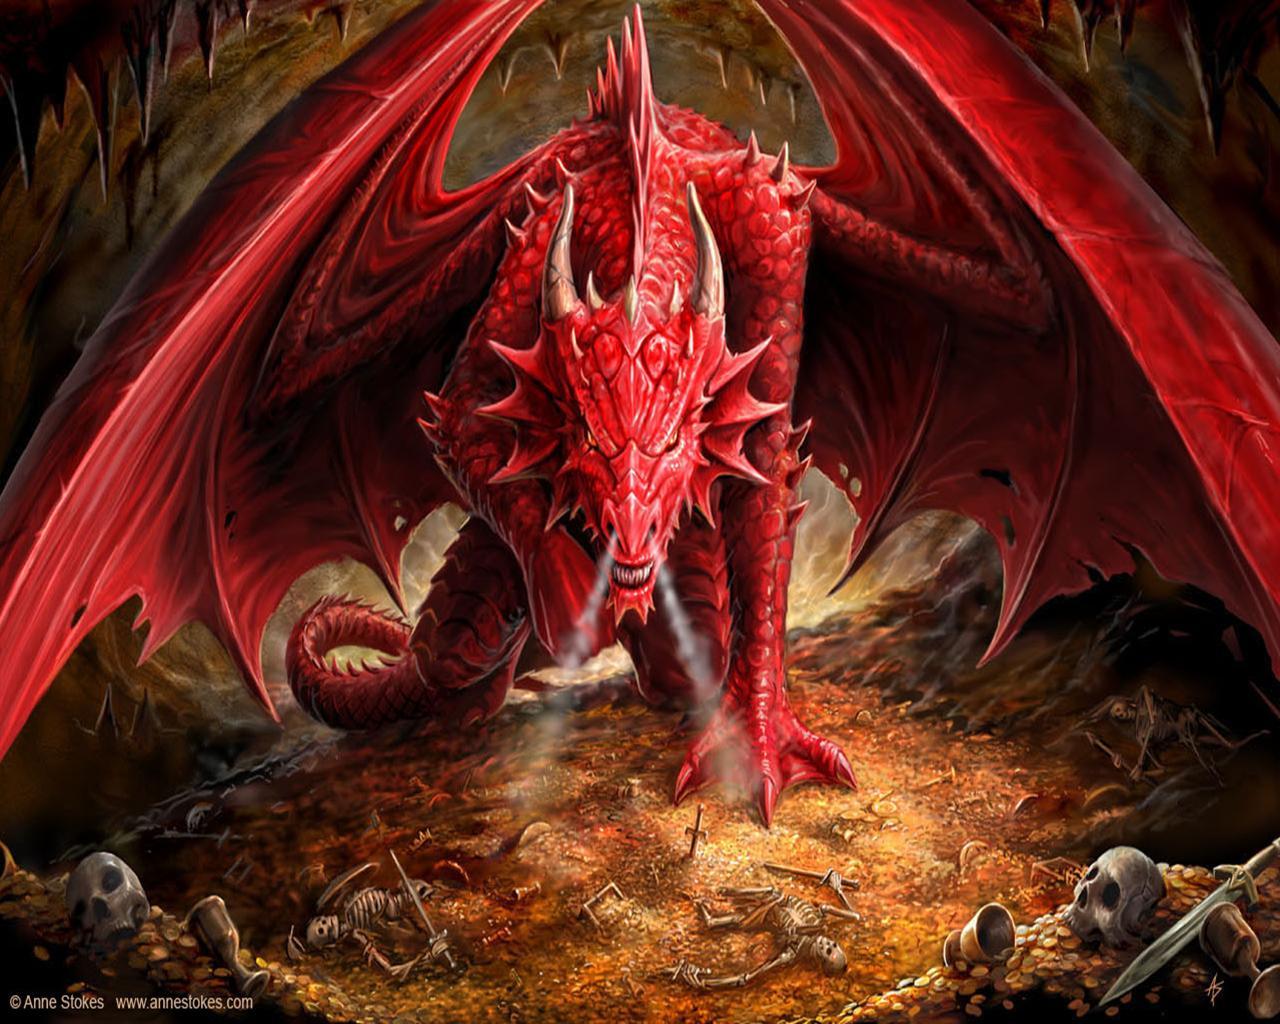 скачать фото, красный коралловый дракон, обои для рабочего стола